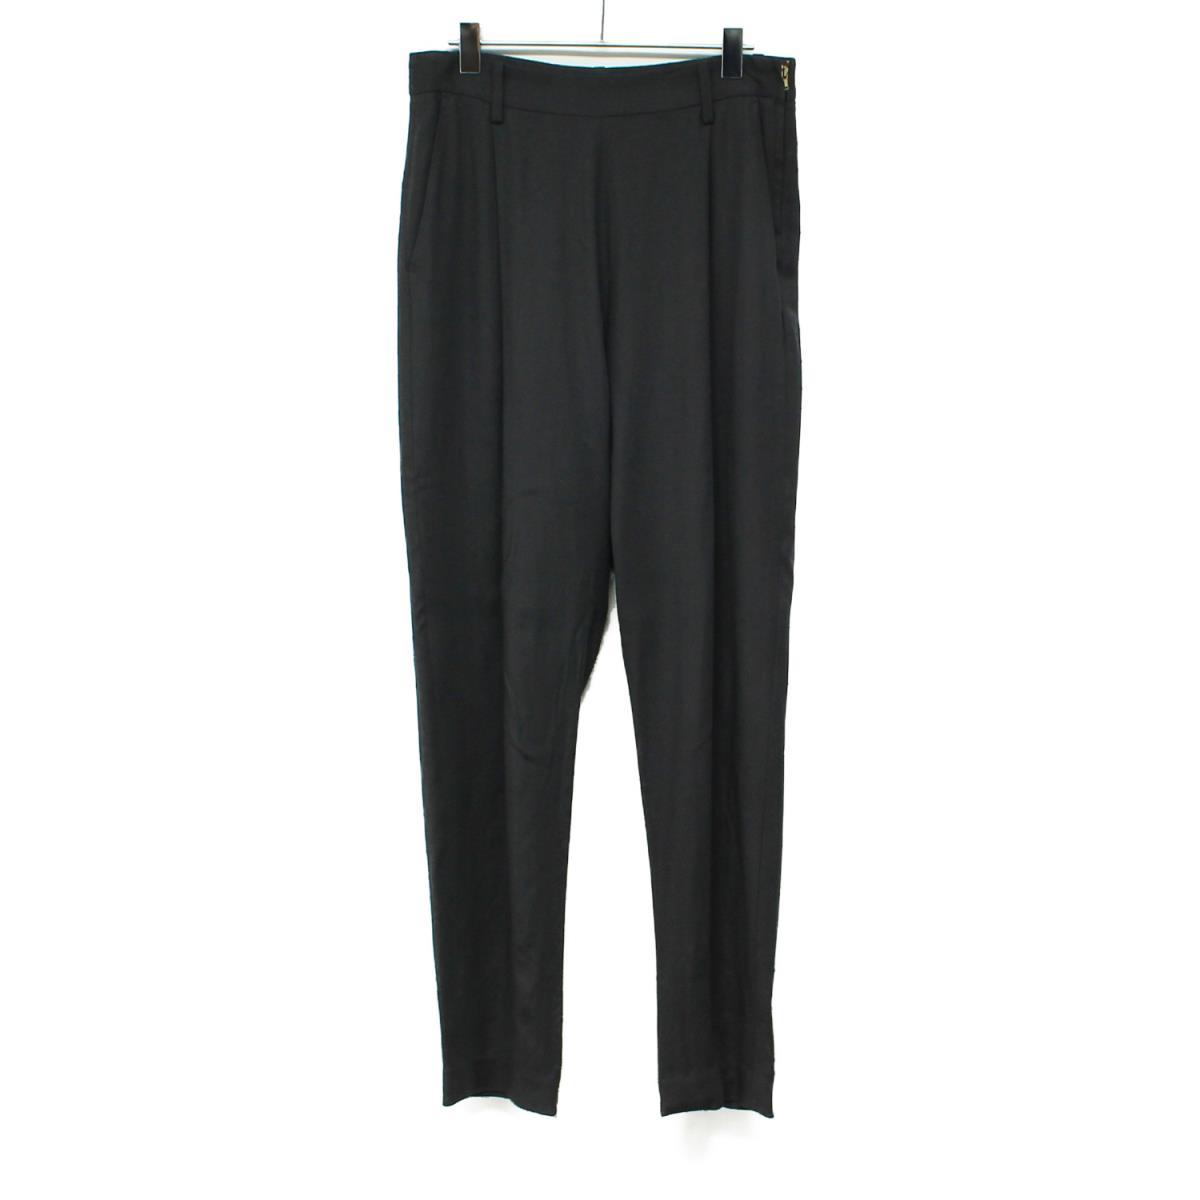 DEUXIEME CLASSE ドィーズィエムクラス テーパード パンツ 裾 ジップ ブラック 38(M) 【レディース】【中古】【K2617】